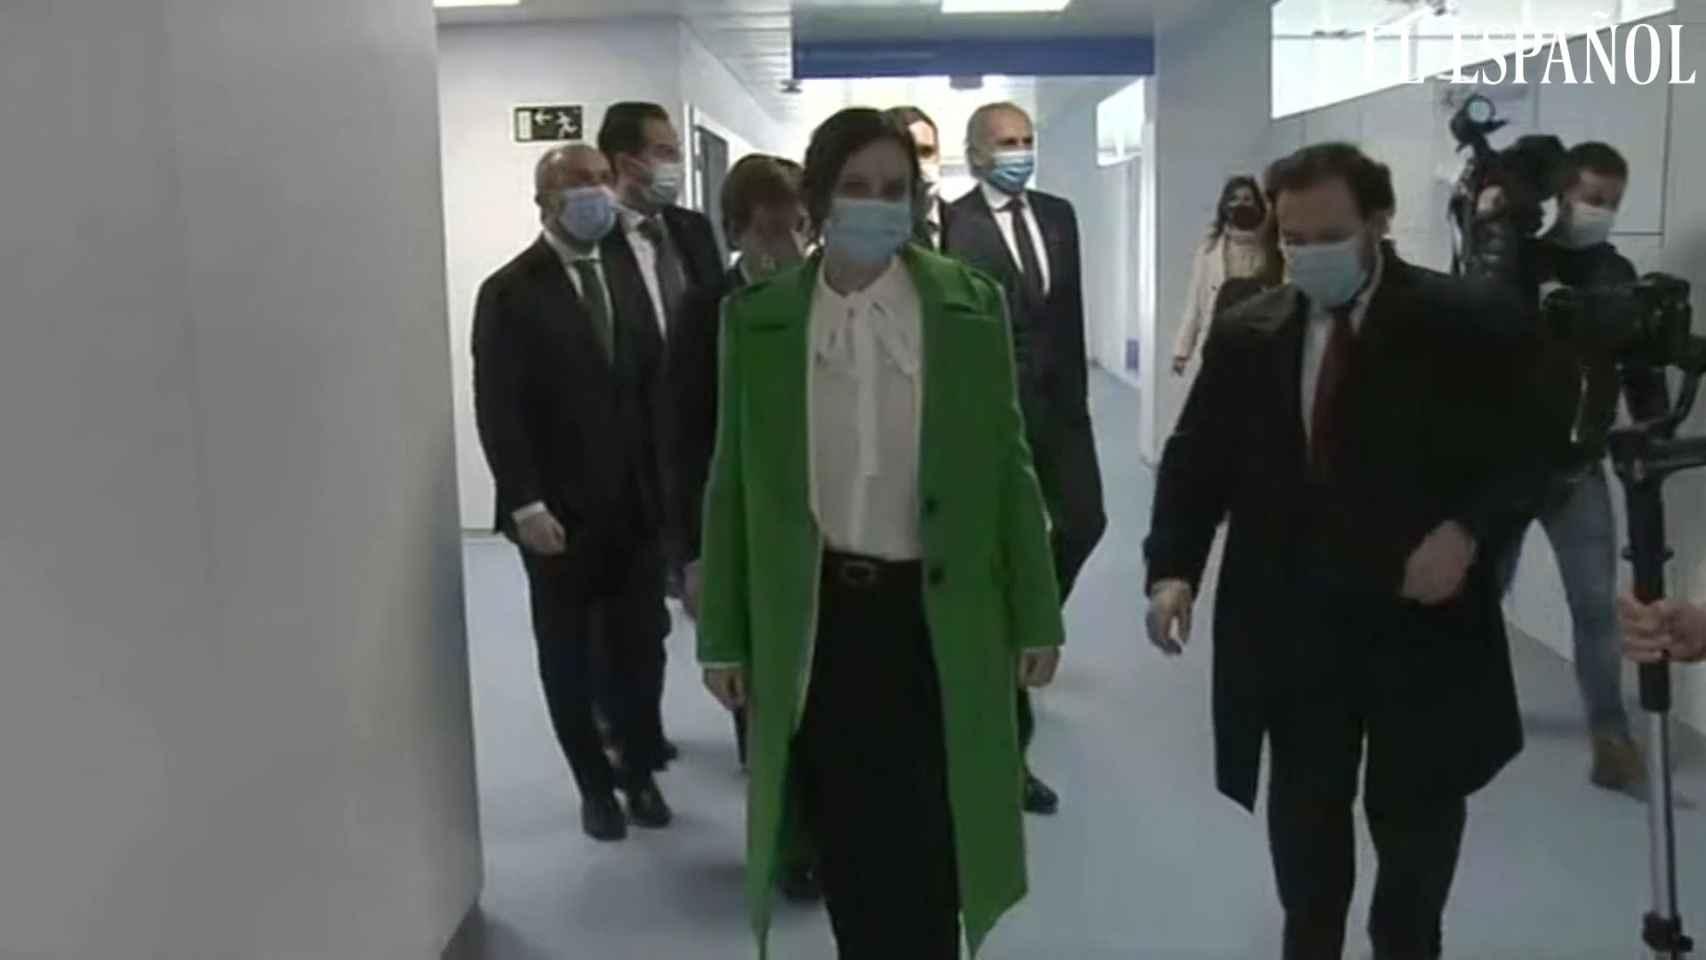 Ayuso inaugura el hospital de emergencias Enfermera Isabel Zendal